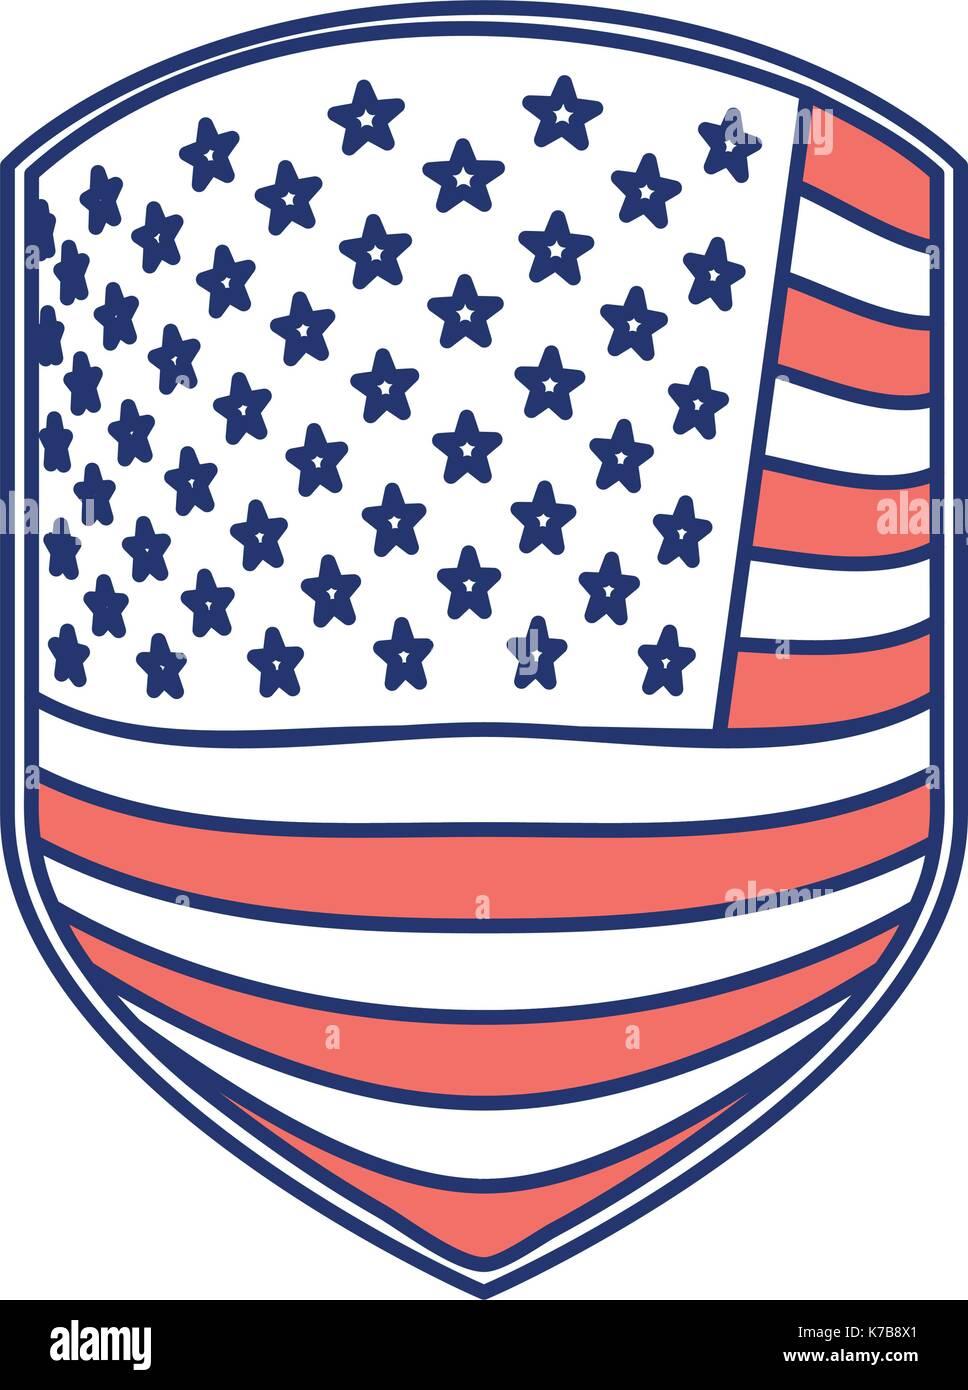 Schön Flagge Der Vereinigten Staaten Färbung Seite Ideen - Entry ...